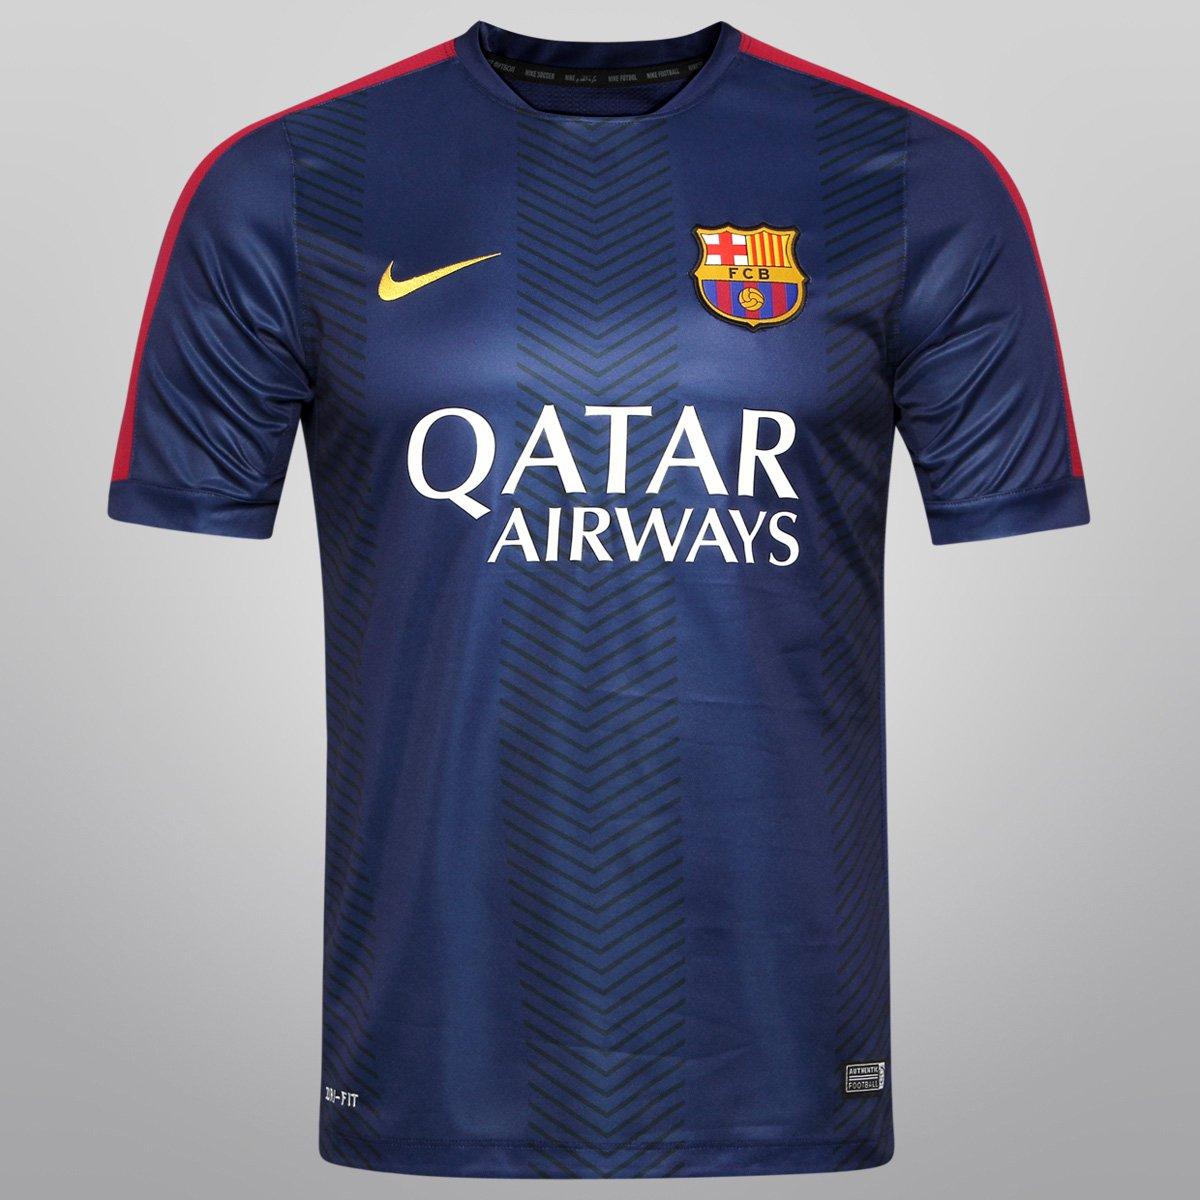 Camisa Nike Barcelona Pre Match 14 15 - Compre Agora  09da8d39d6f98